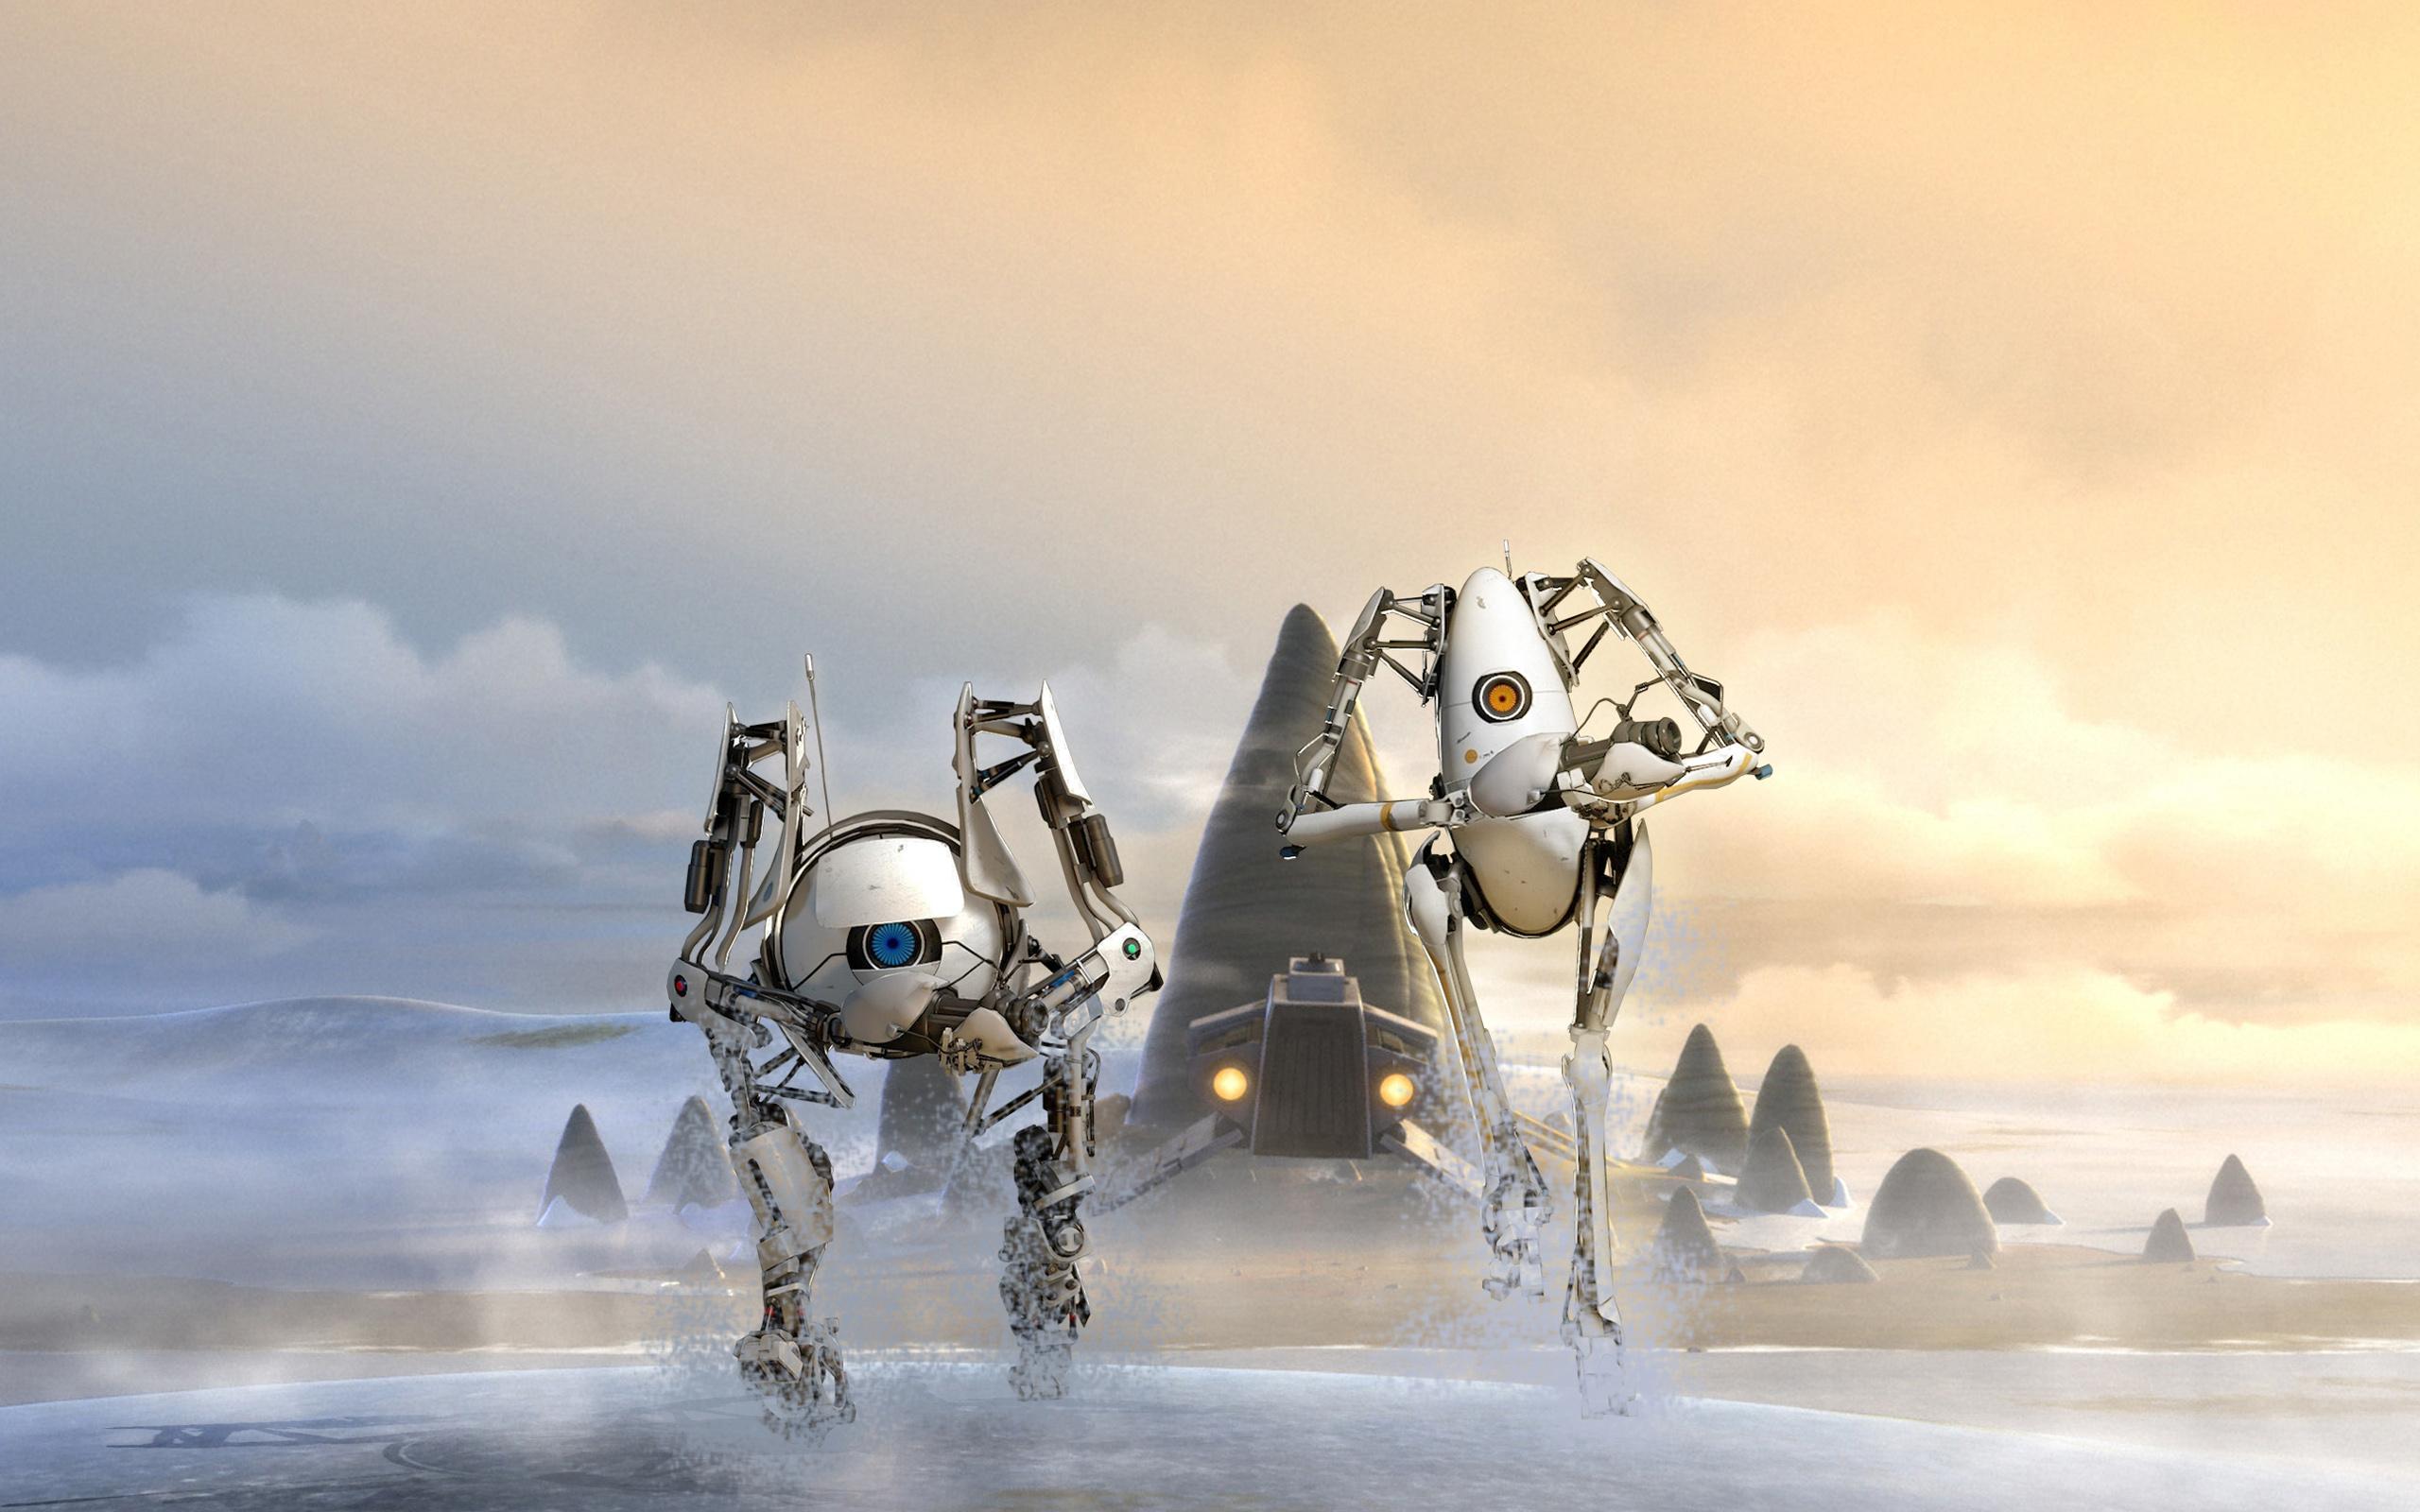 Портал 2 роботы атлас п тела. обои скачать